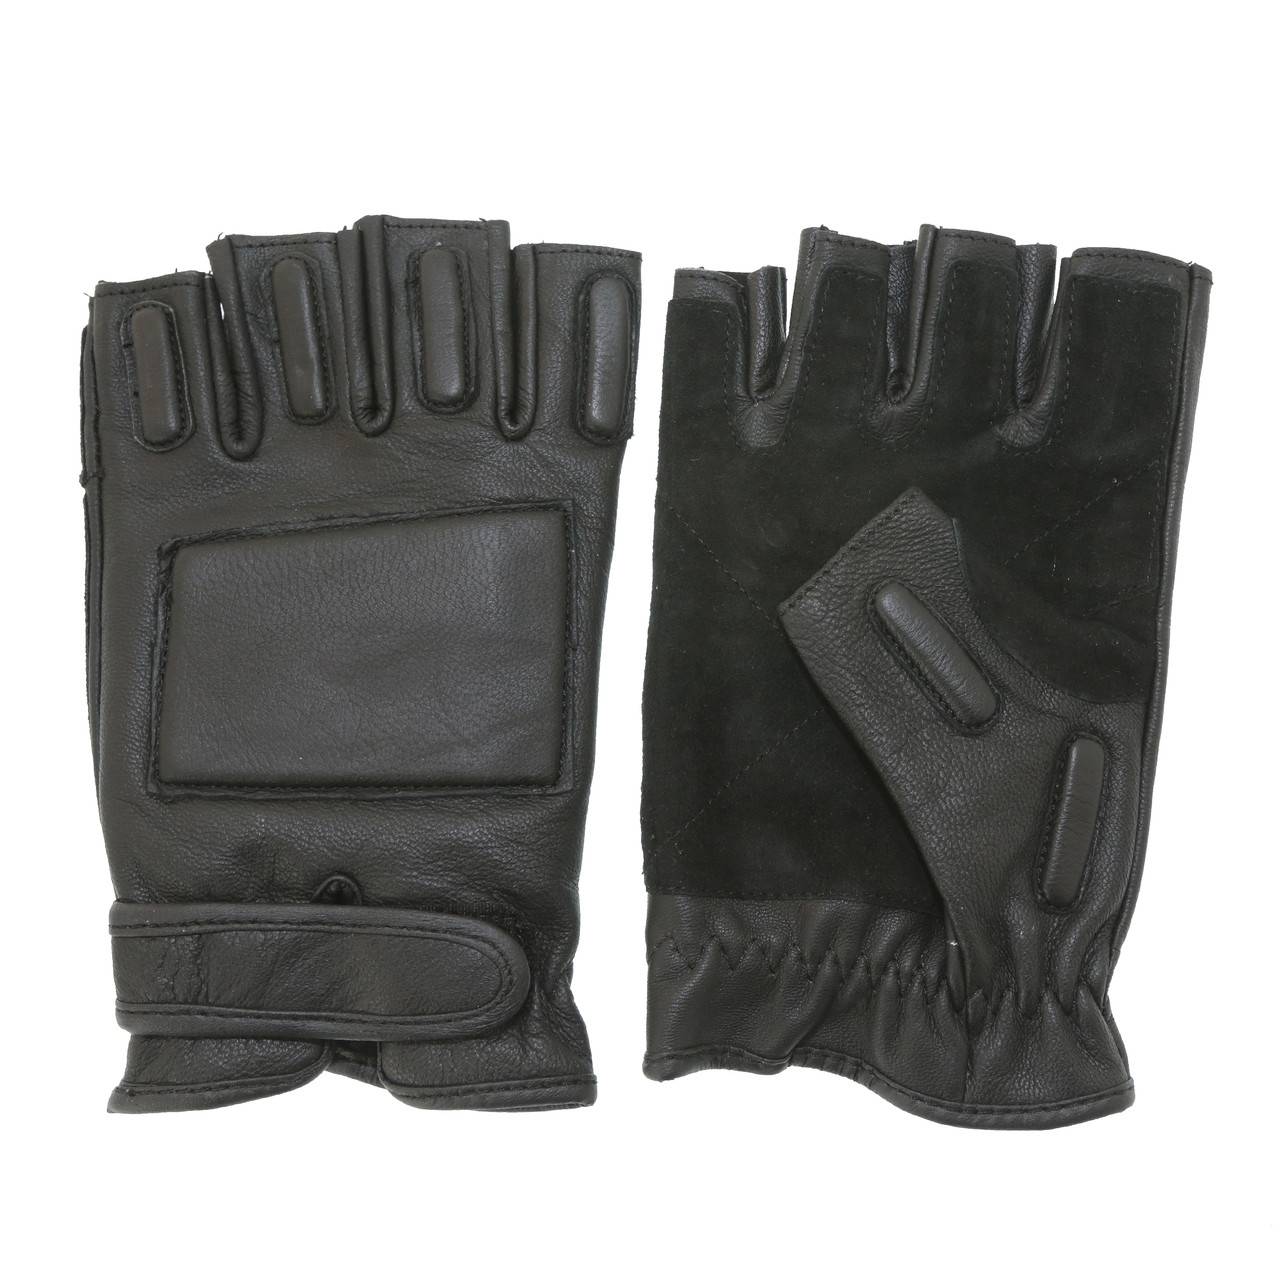 Рукавички чорні охоронця шкіряні без пальців MIL-TEC Black, 12515002